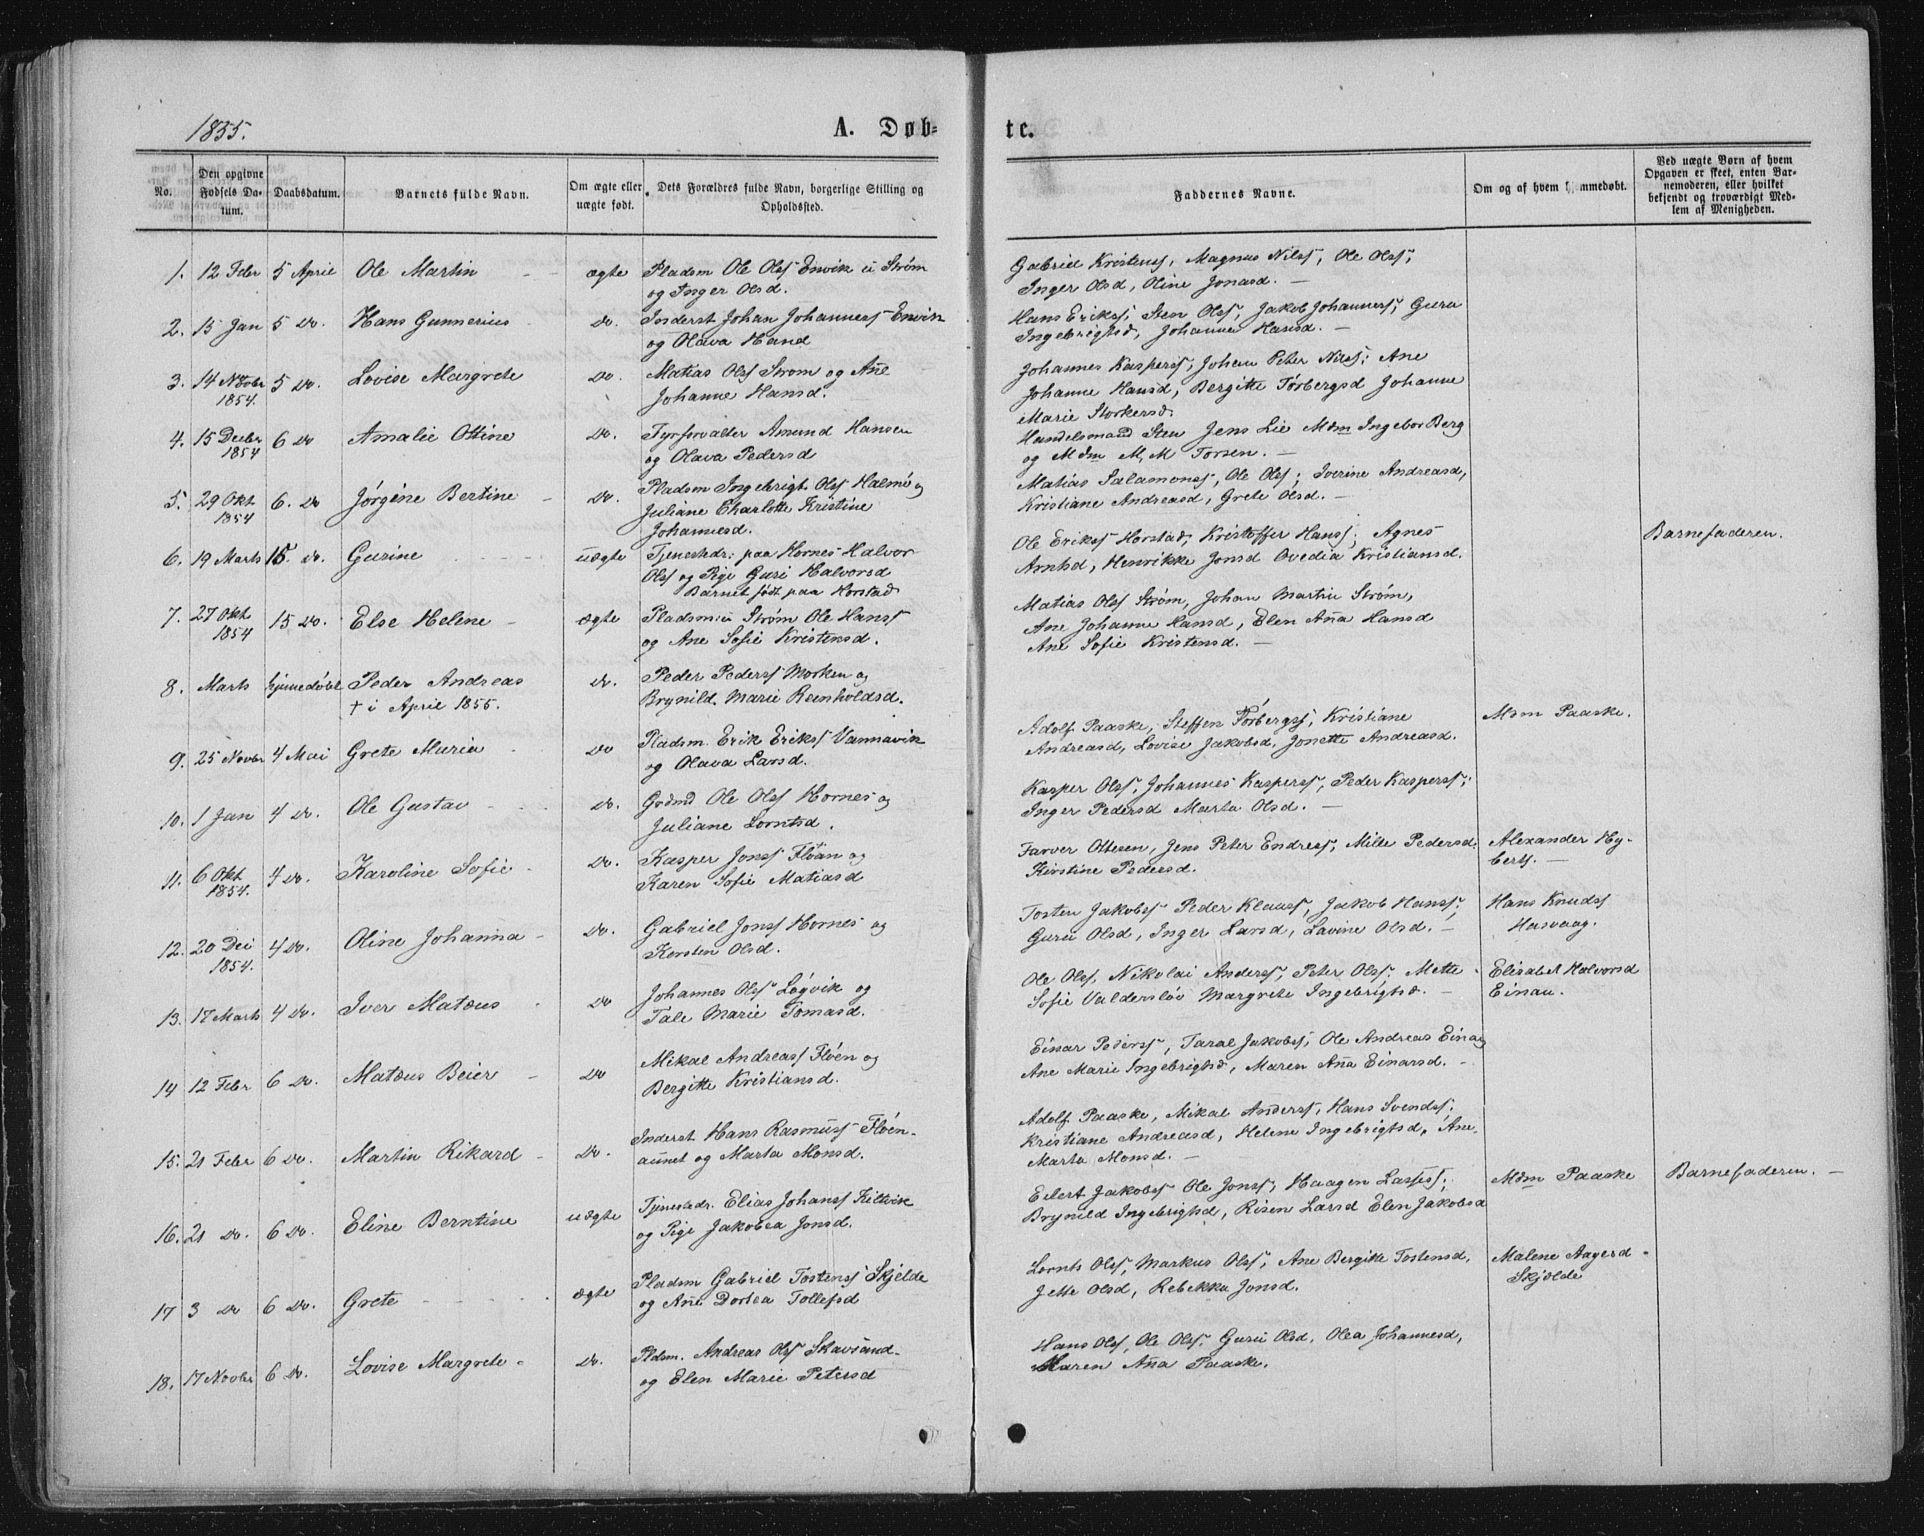 SAT, Ministerialprotokoller, klokkerbøker og fødselsregistre - Nord-Trøndelag, 771/L0595: Ministerialbok nr. 771A02, 1840-1869